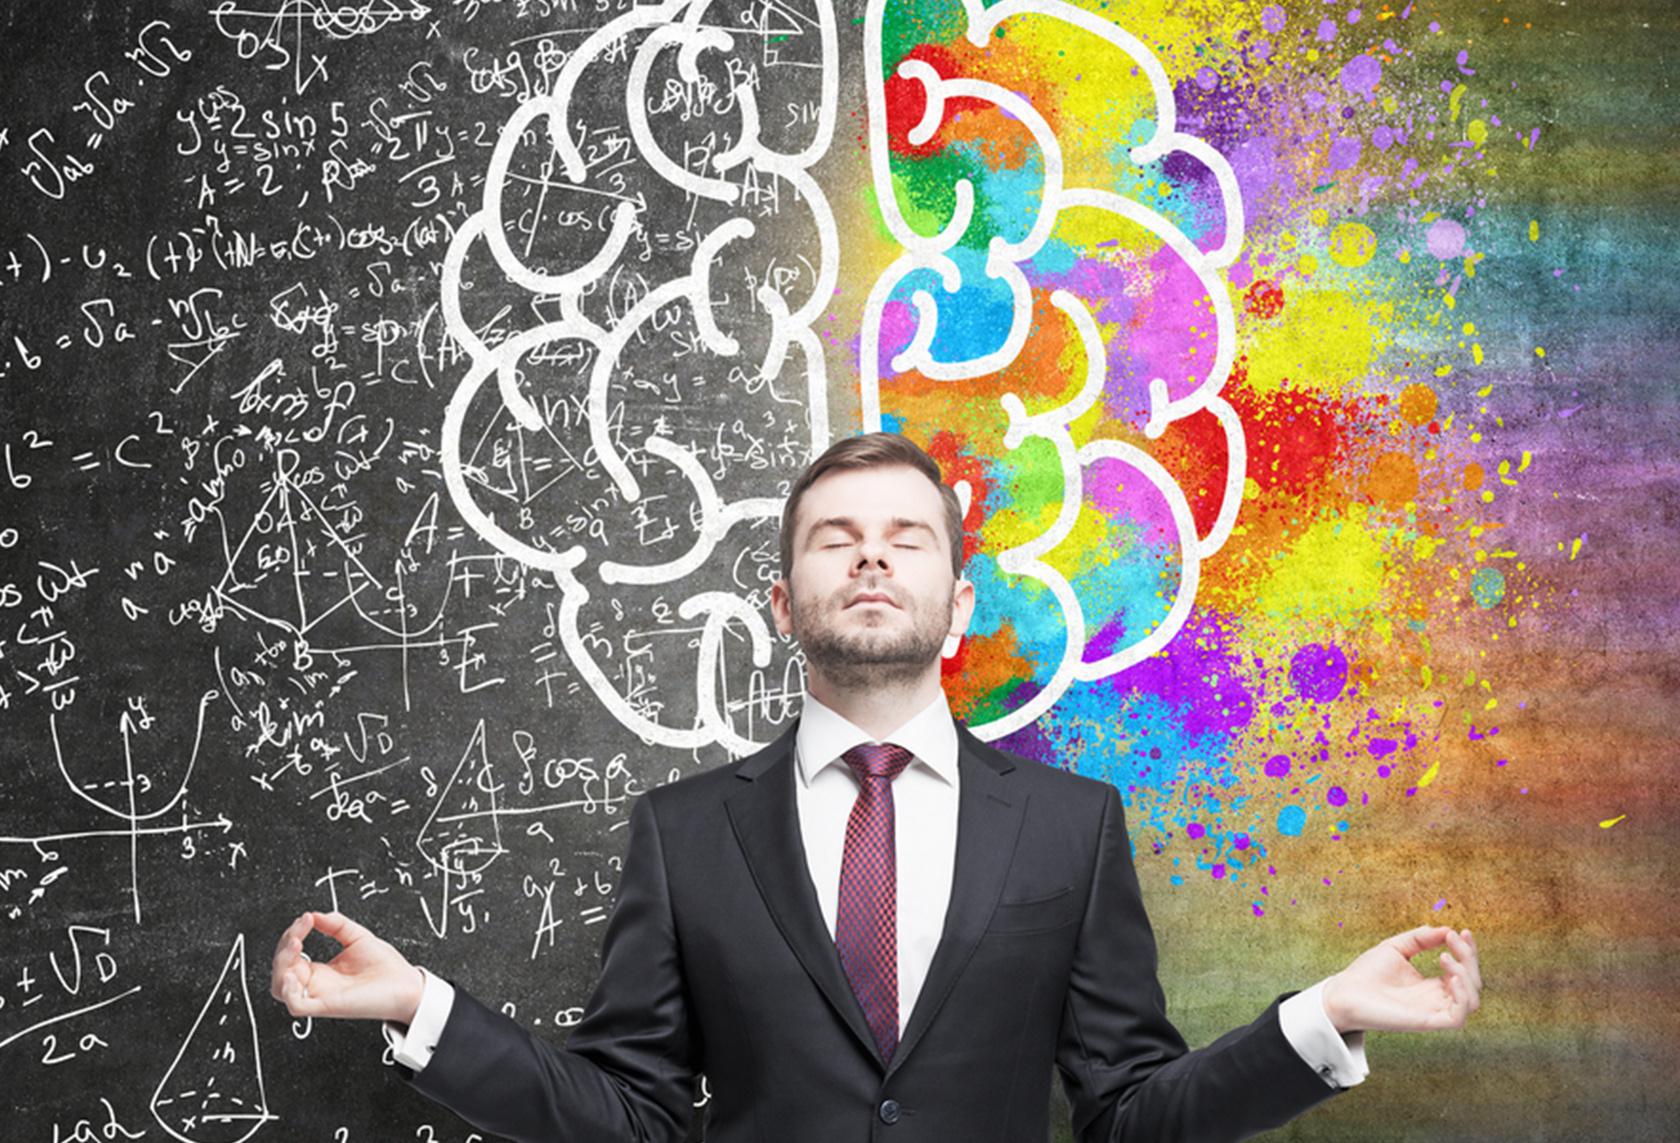 При помощи эффективных способов можно развить творческое воображение